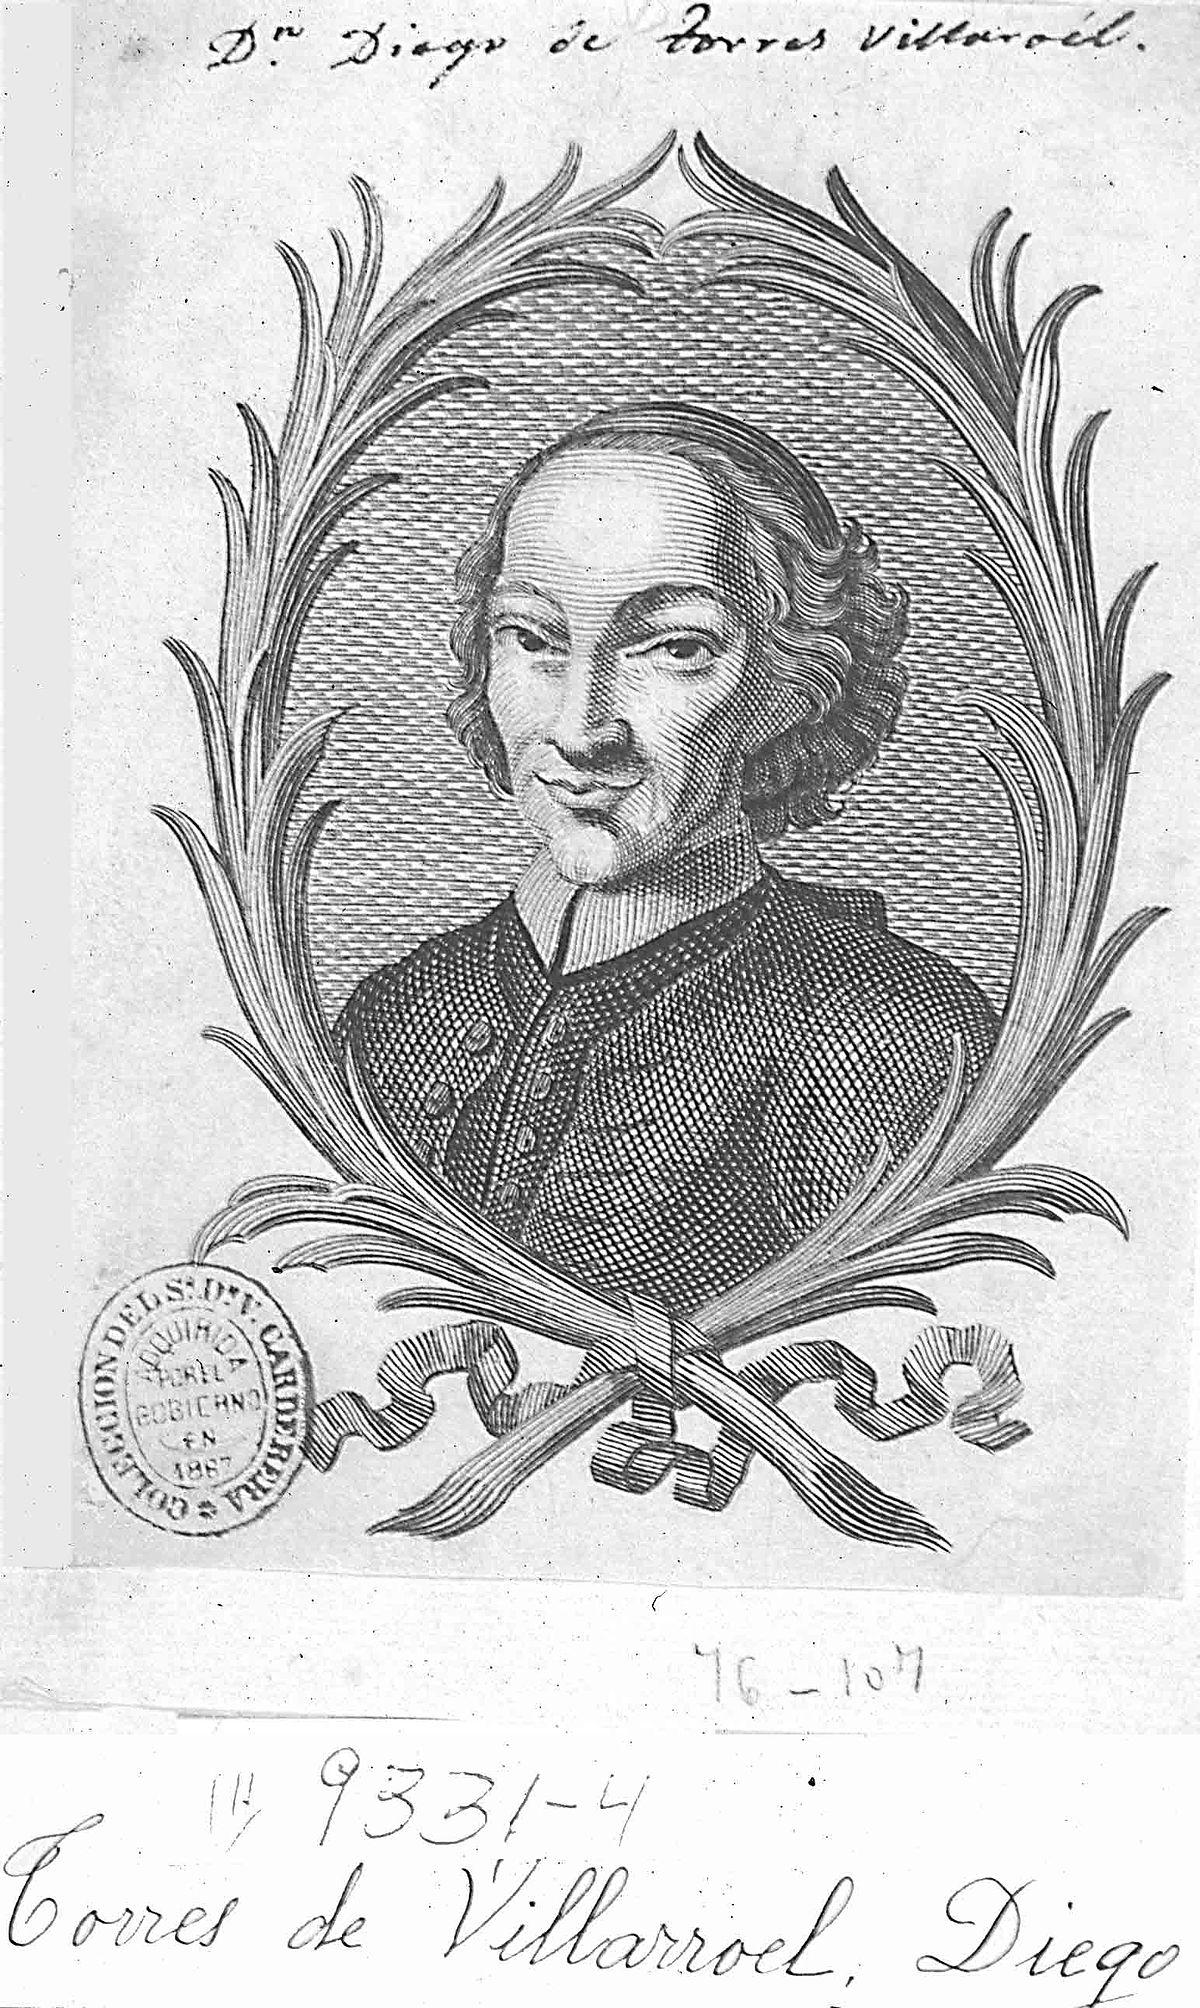 Diego de Torres Villarroel - Wikipedia, la enciclopedia libre